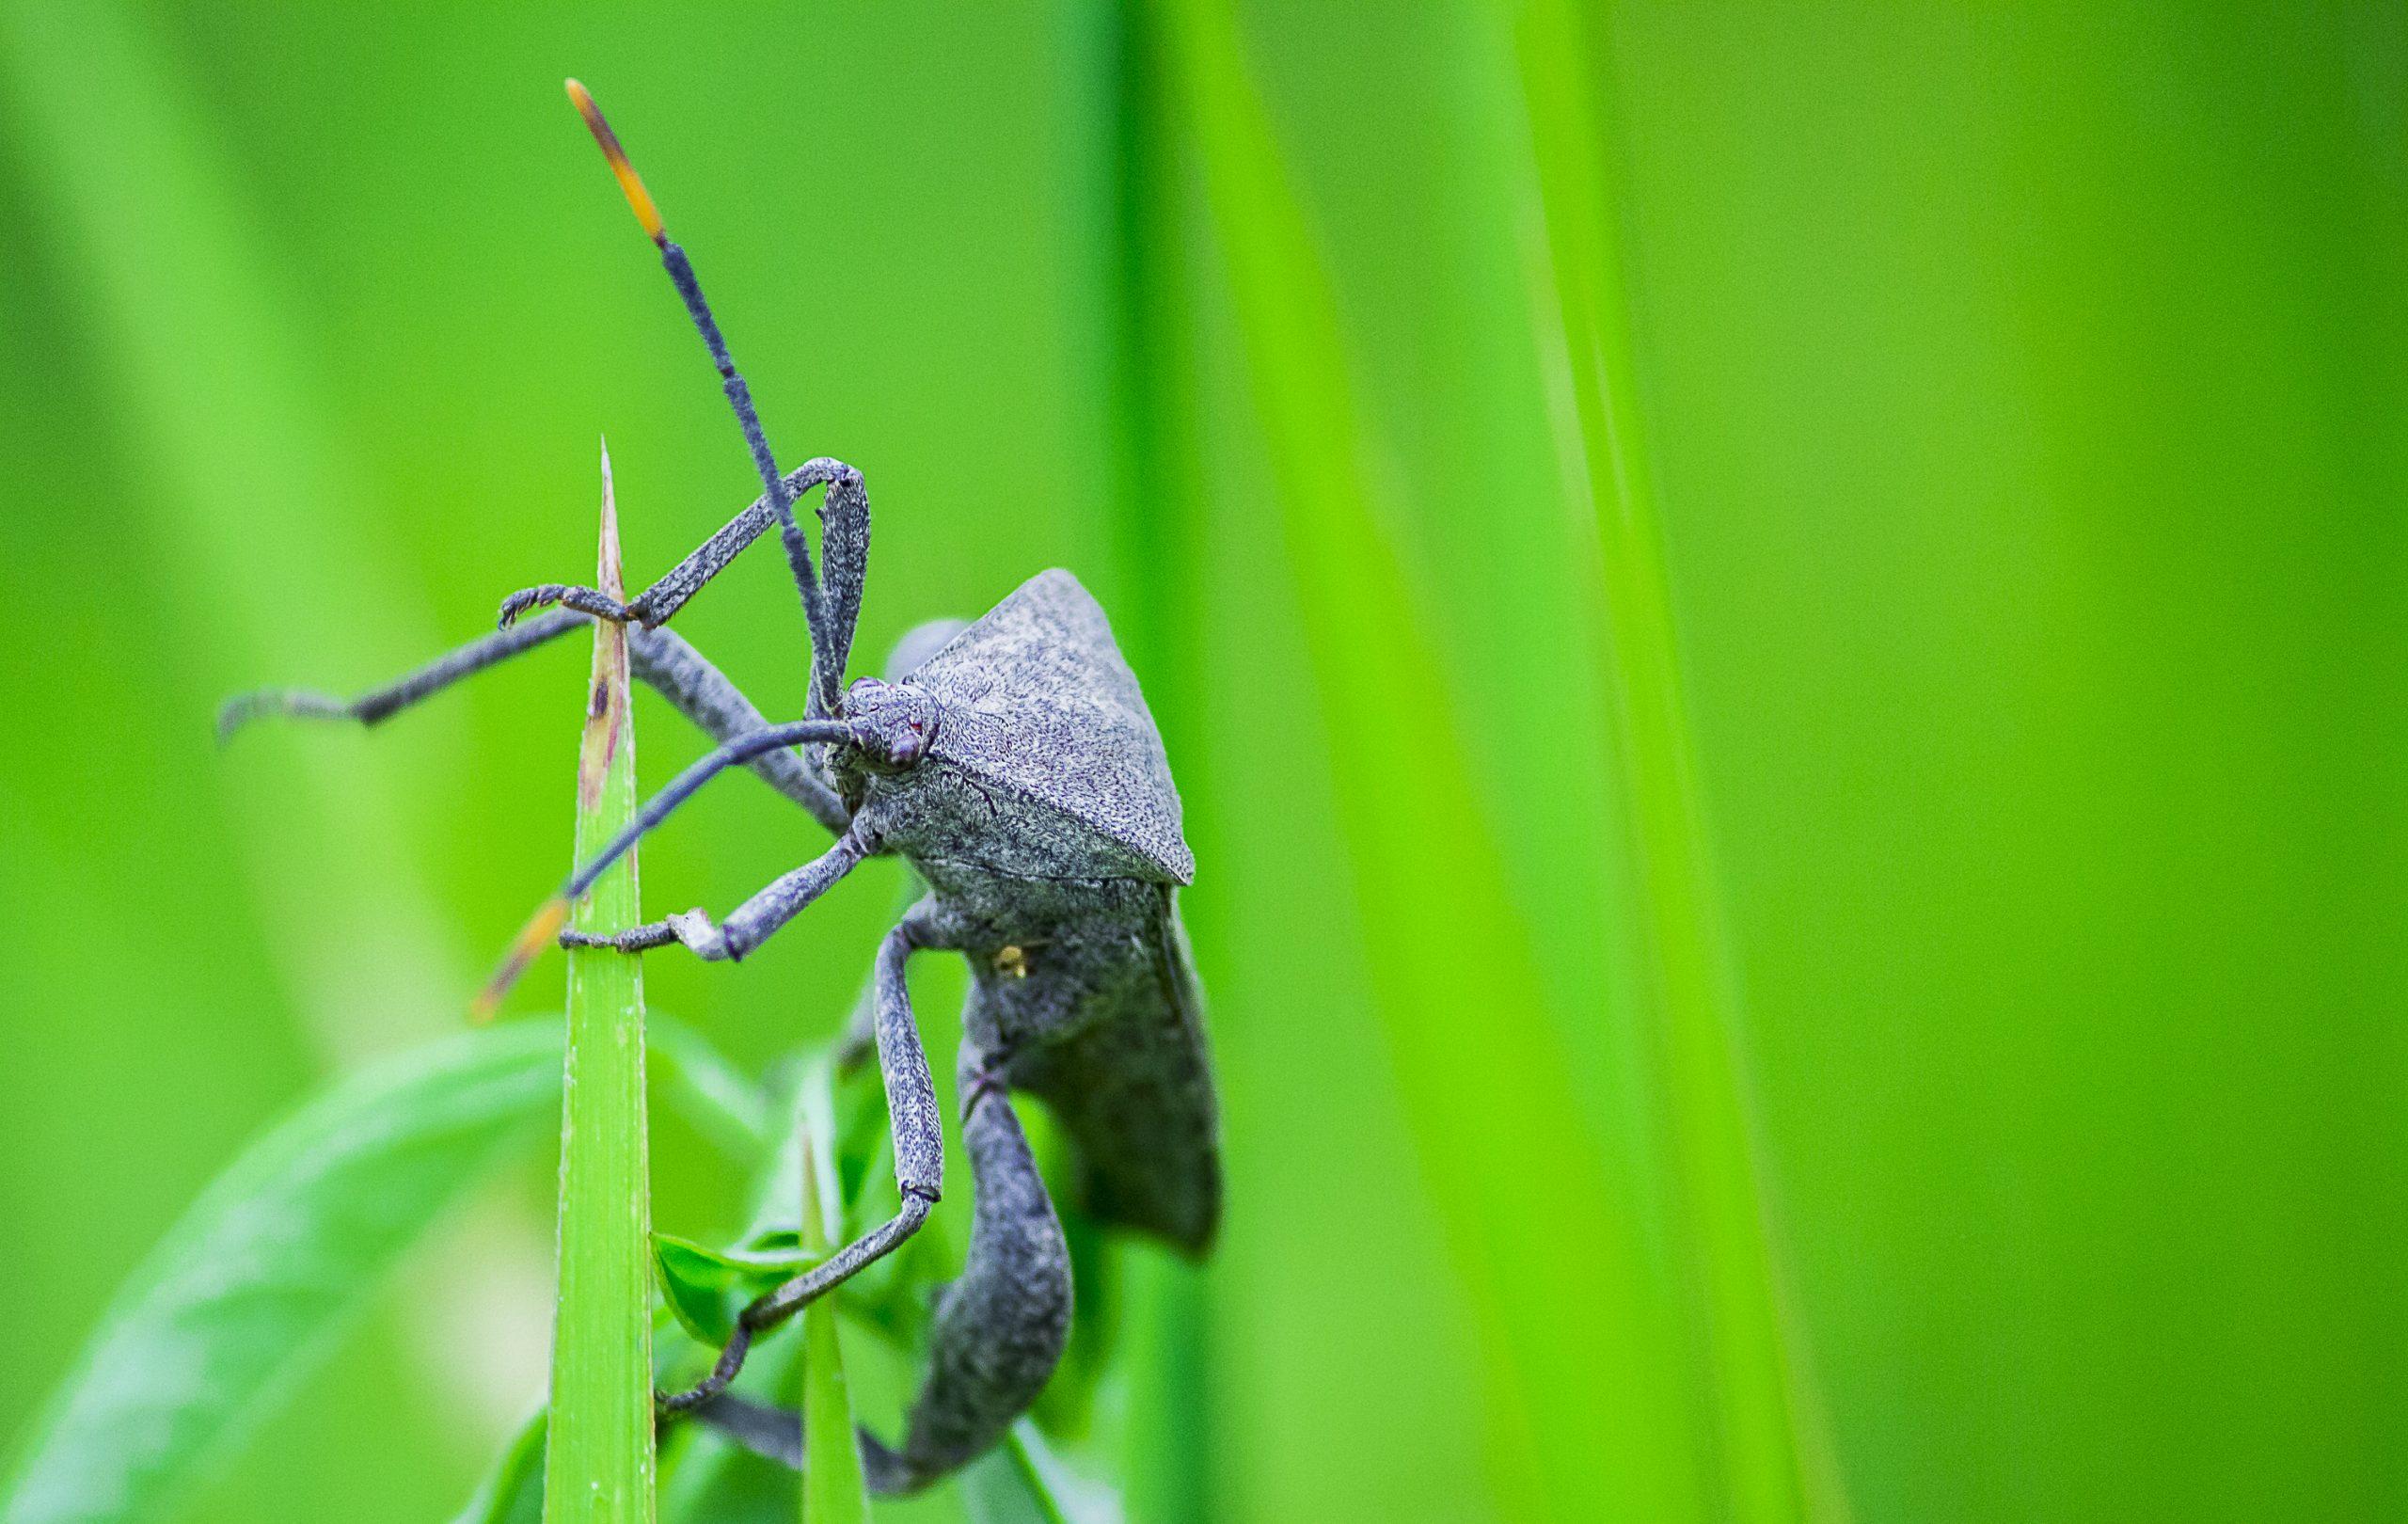 A stink bug on a grass straw